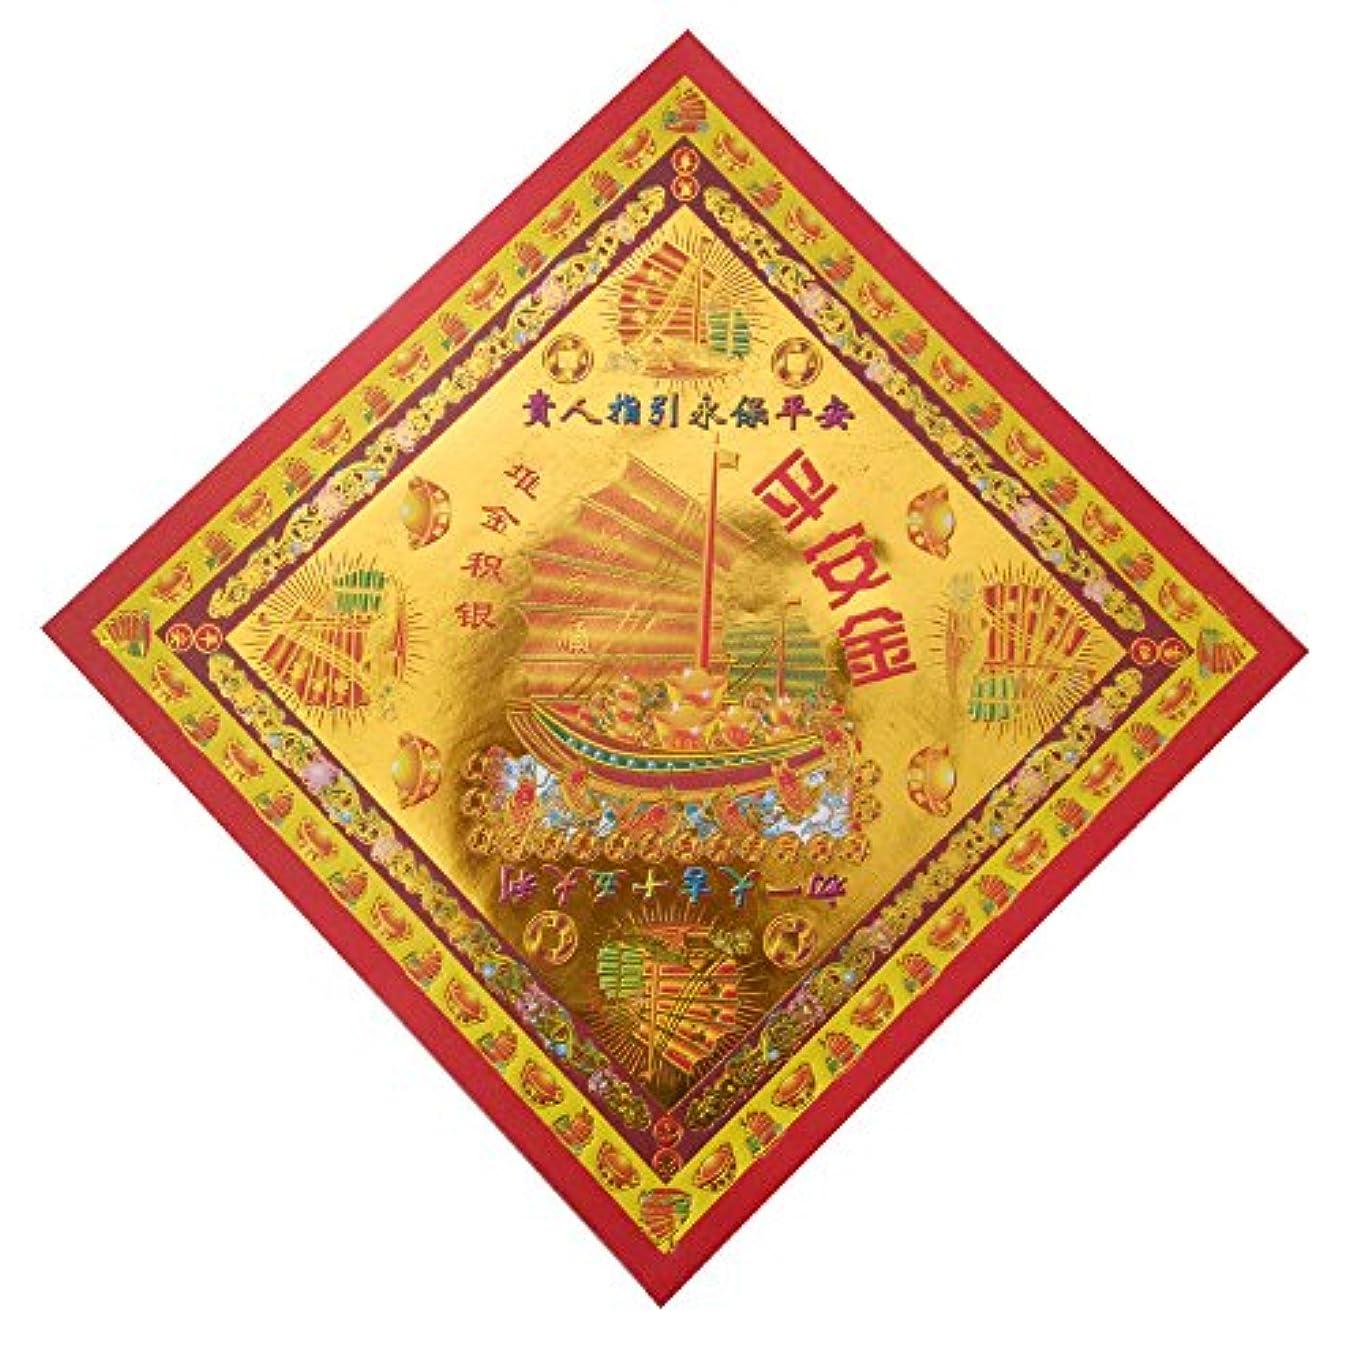 風が強いキャリアフィードバックzeestar祖先Incense用紙/Joss用紙ハイグレードカラフルwithゴールドの箔の祖先Praying 7.6インチx 7.6インチ、40個